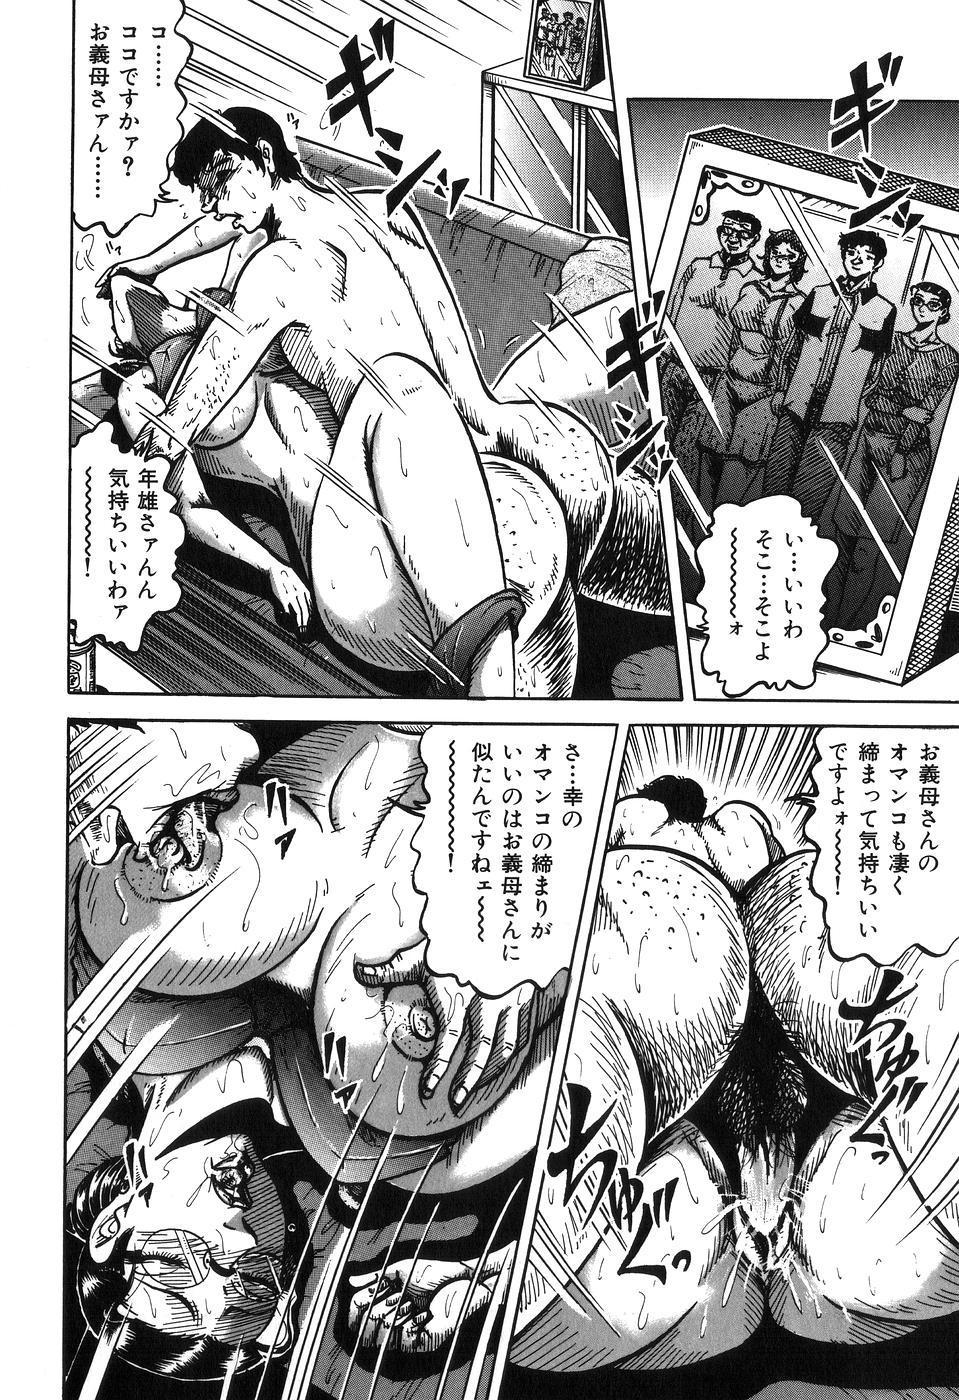 Jukubo Soukan Yosoji no Tawamure 143